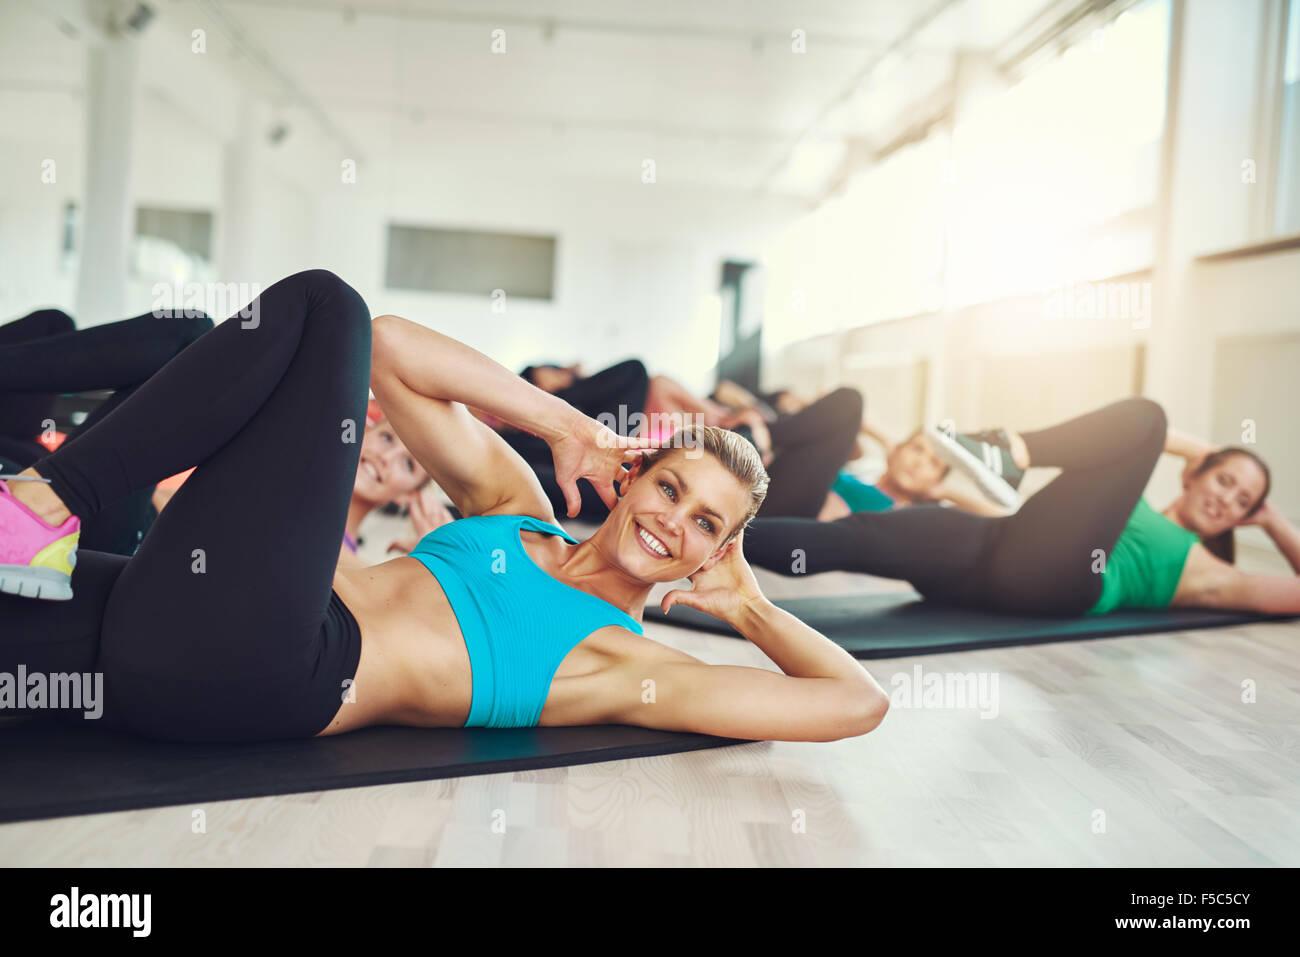 Smiling attractive young woman faisant de l'aérobic dans la salle de sport avec un groupe de jeunes femmes dans Banque D'Images